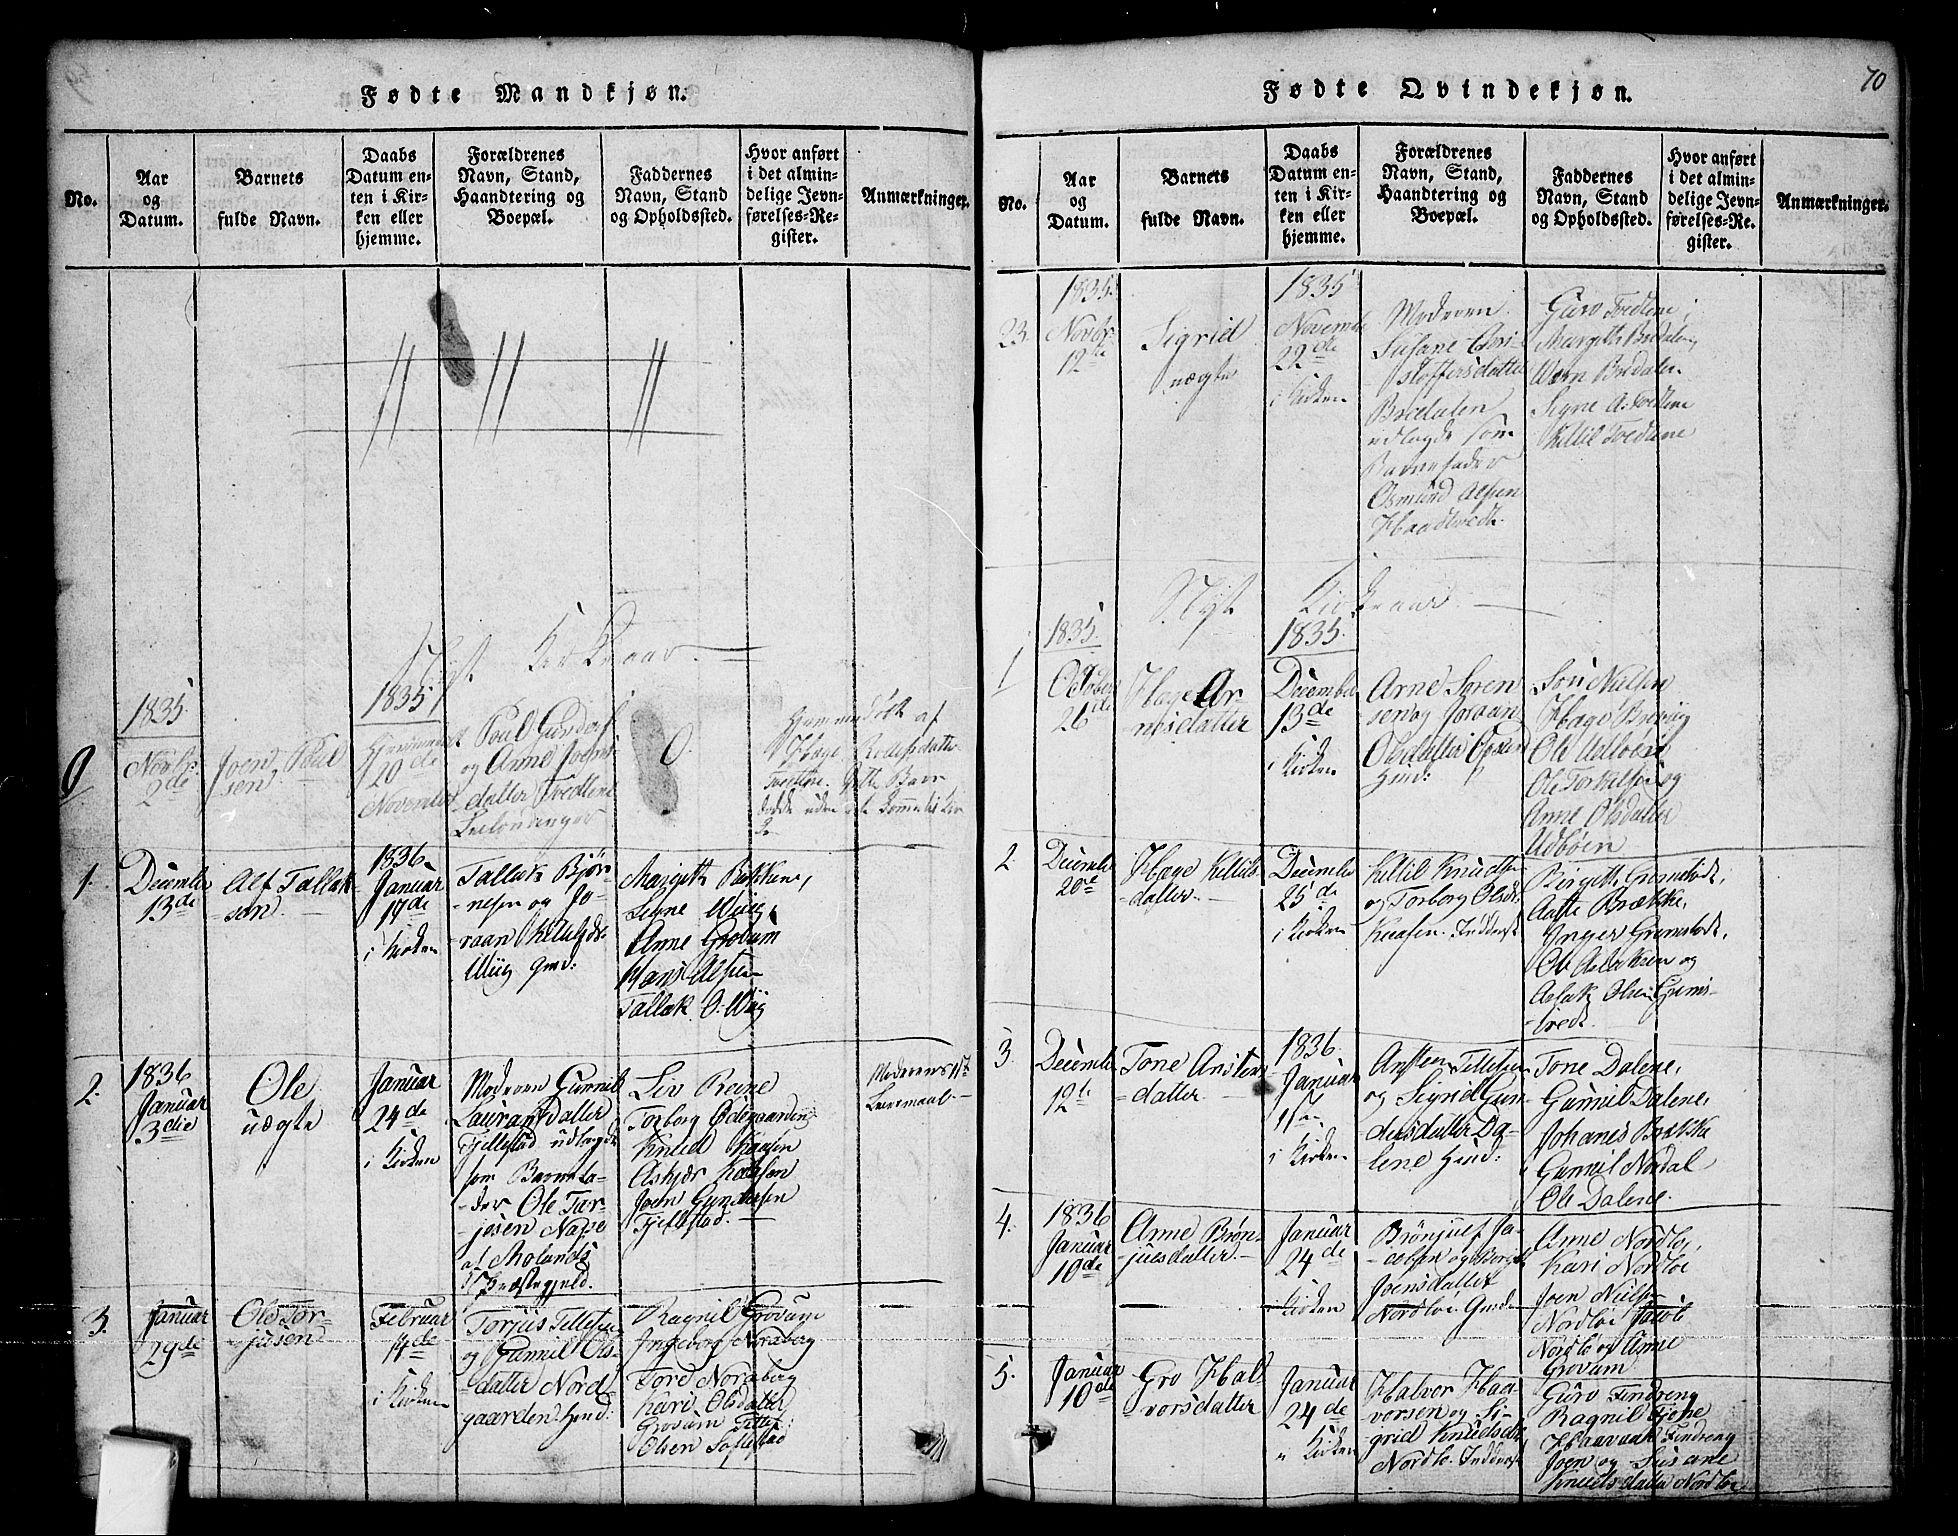 SAKO, Nissedal kirkebøker, G/Ga/L0001: Klokkerbok nr. I 1, 1814-1860, s. 70